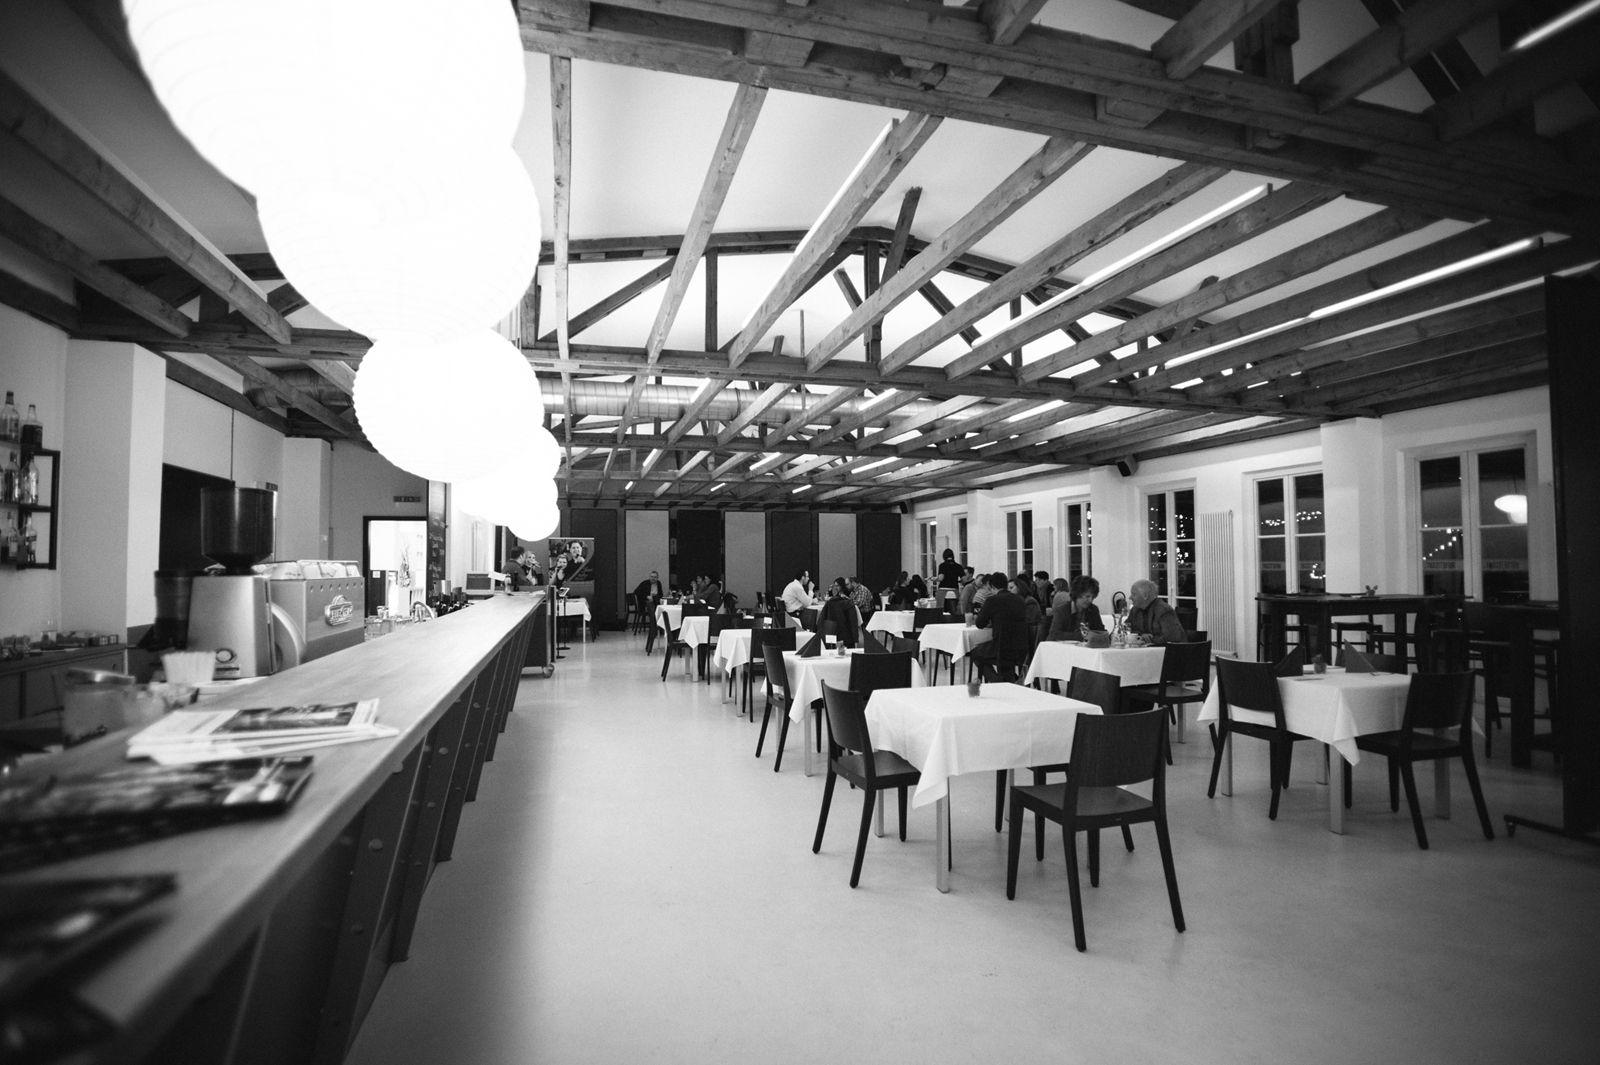 Aufgetischt Restaurant Kochwerkstatt Catering Location Hochzeit Location Aufgetischt Hochzeit